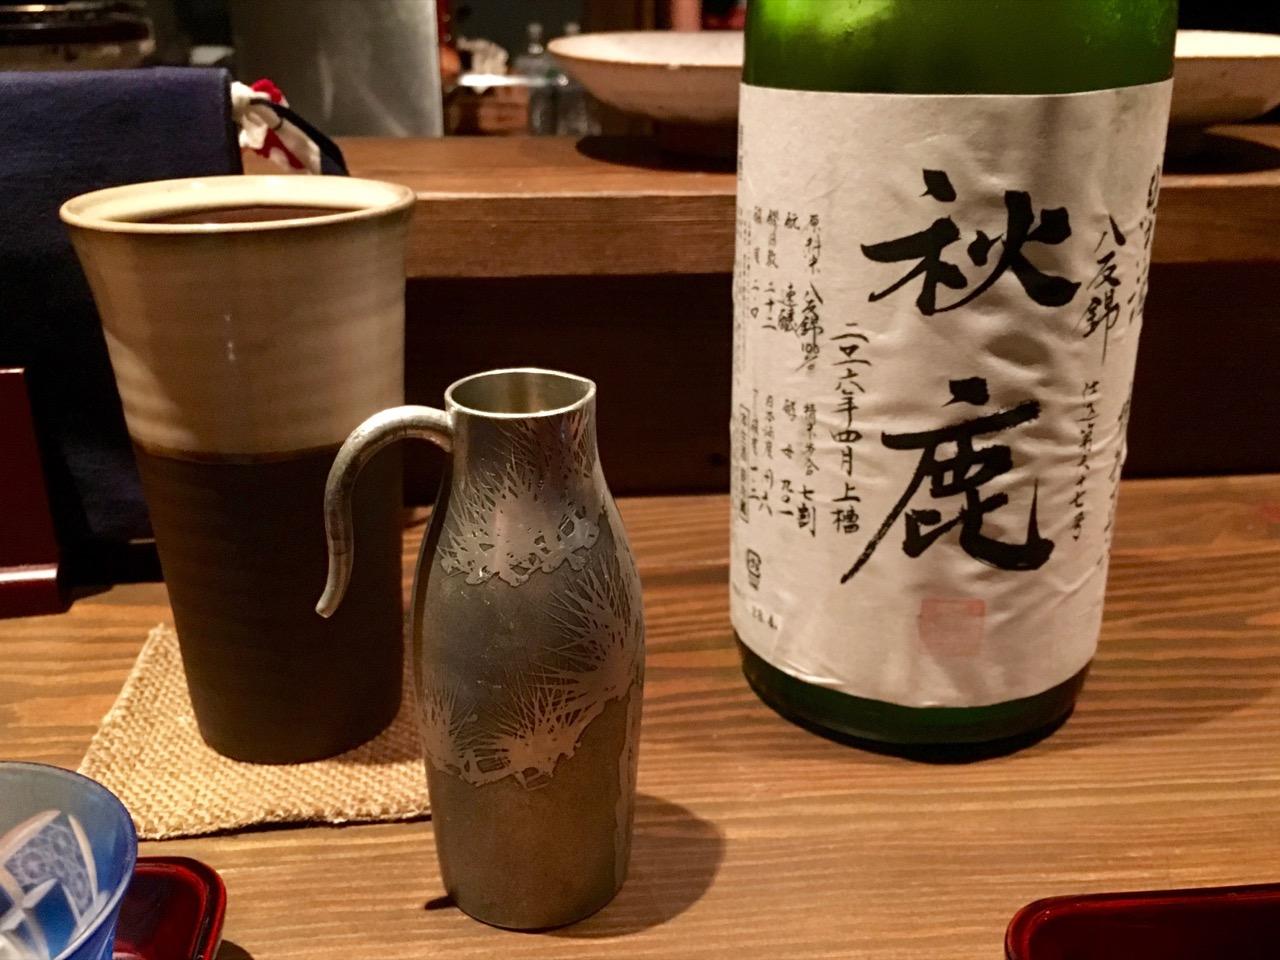 秋鹿 純米酒 八反錦 日本酒テイスティングノート